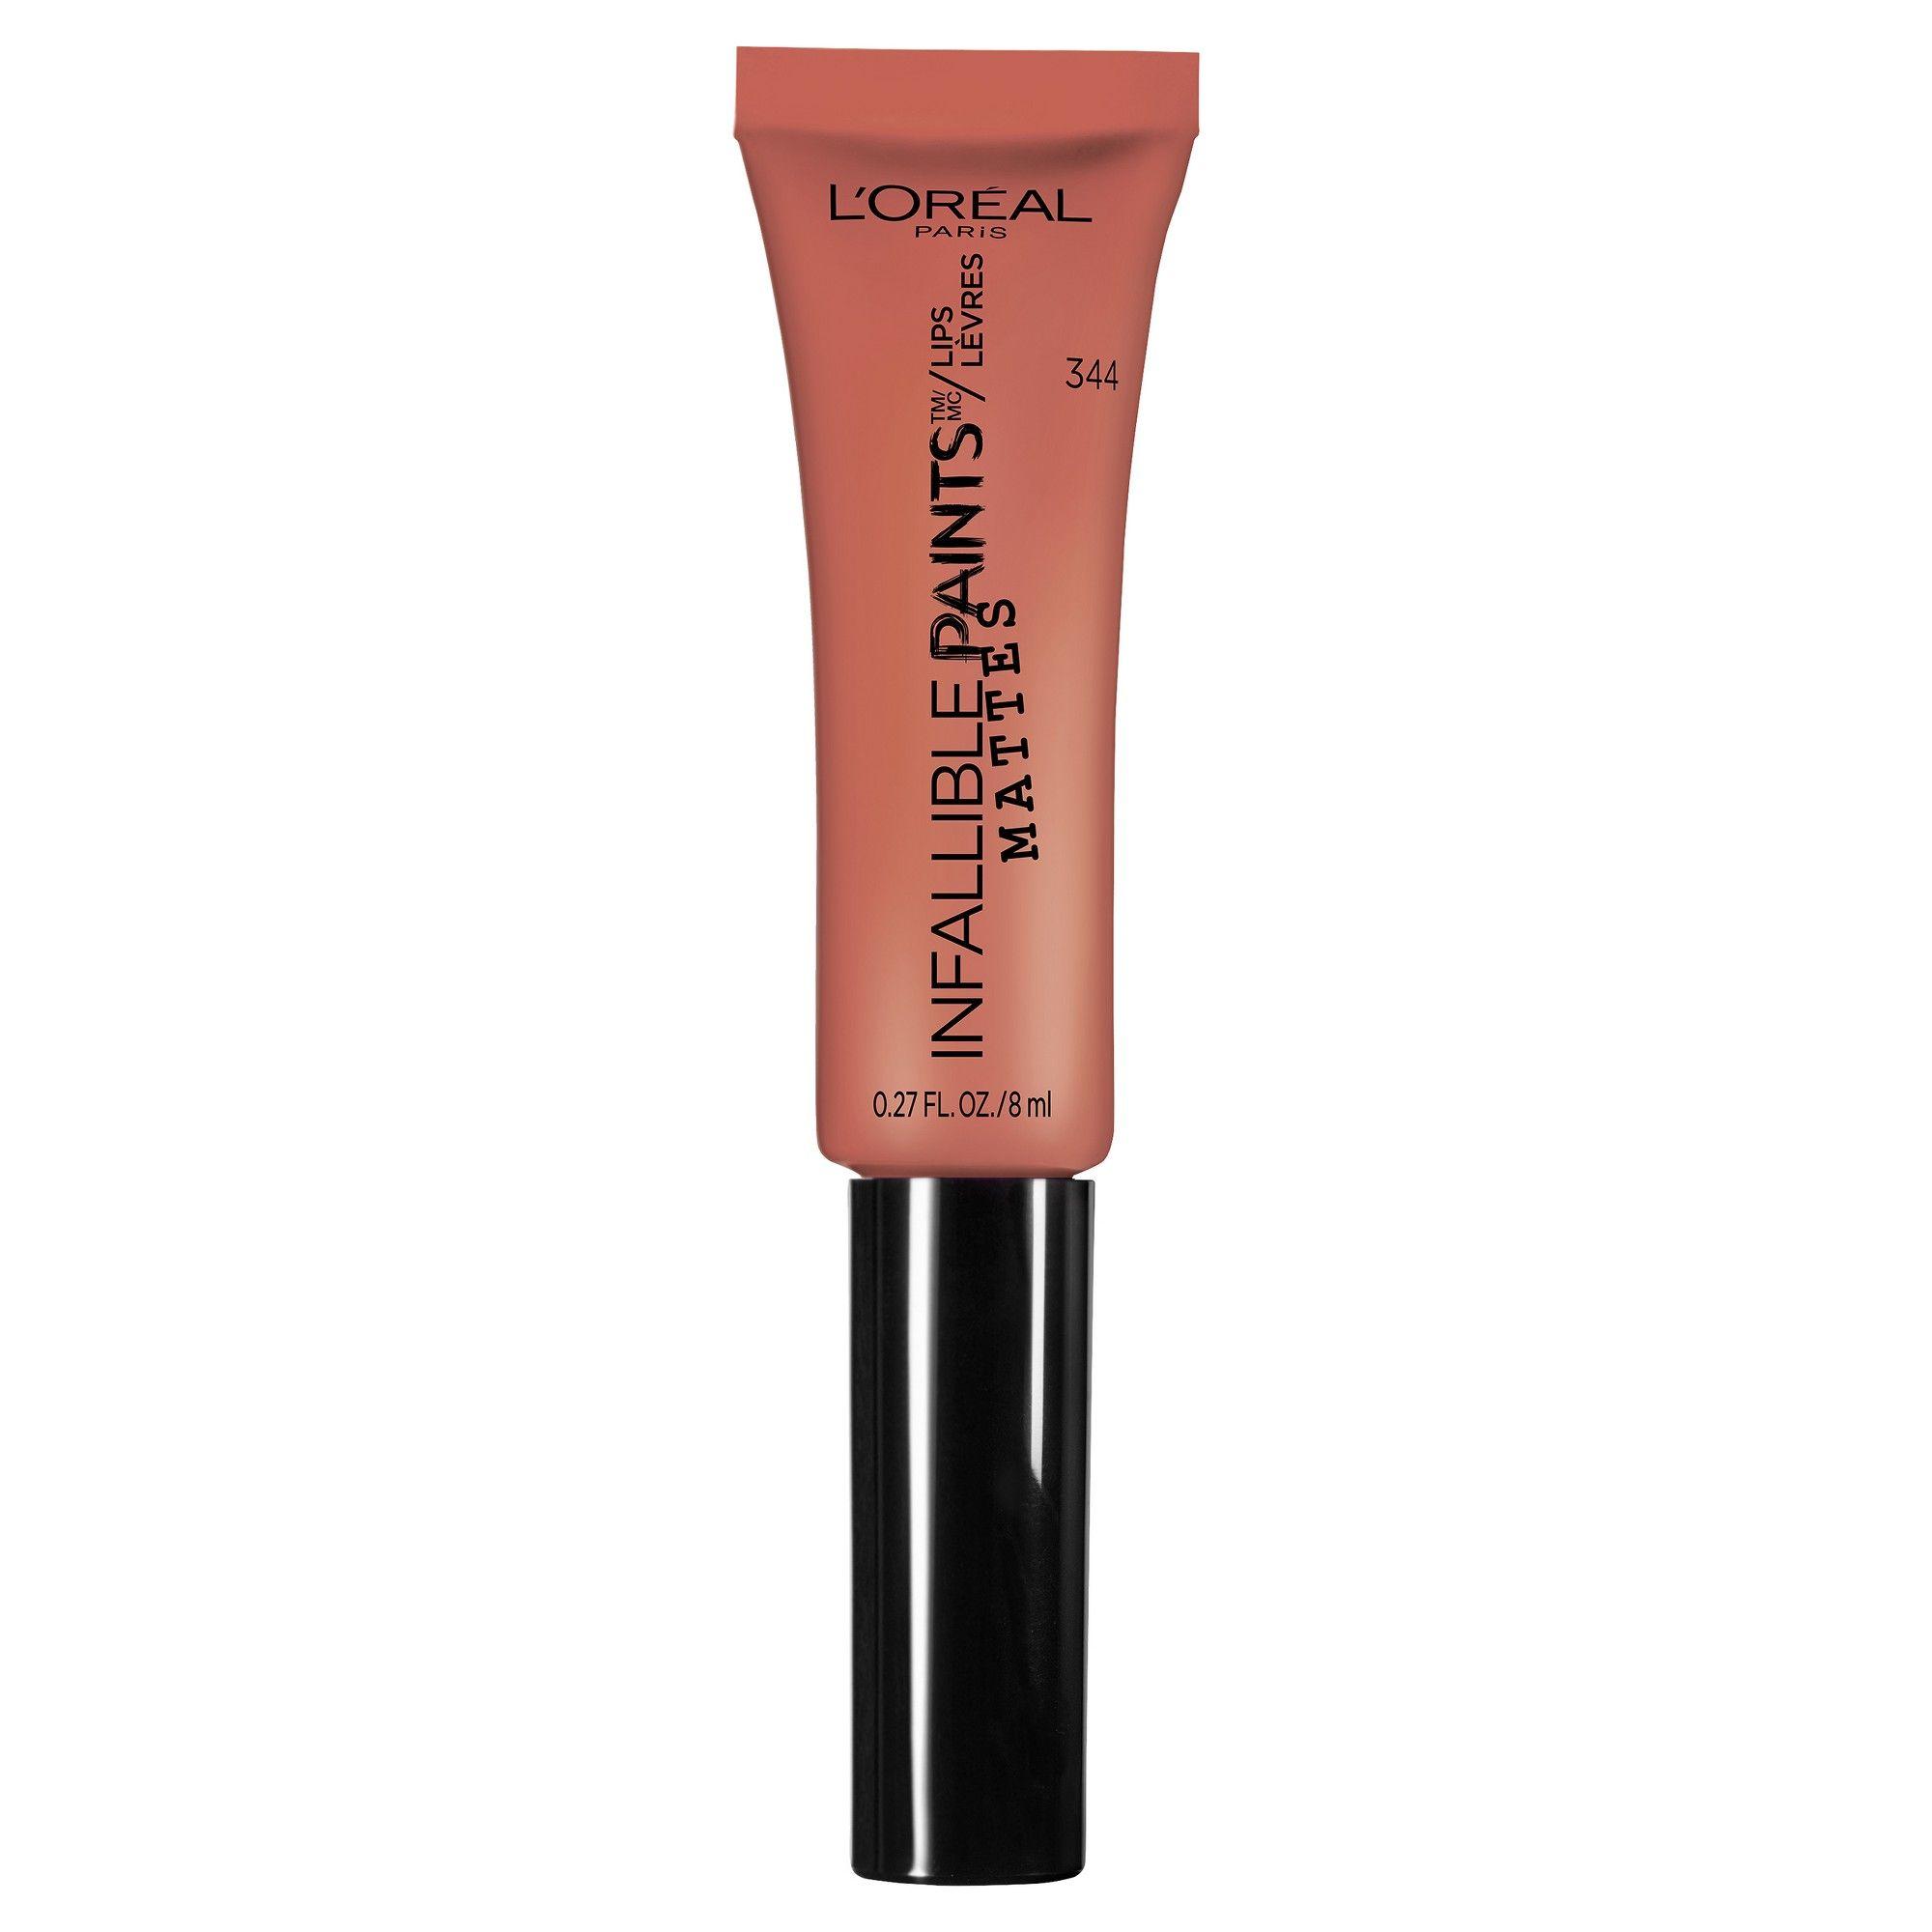 L Oreal Paris Infallible Matte Lip Paints 344 Peach Pit 0 27oz Matte Lips Loreal Paris Matte Lipstick Shades